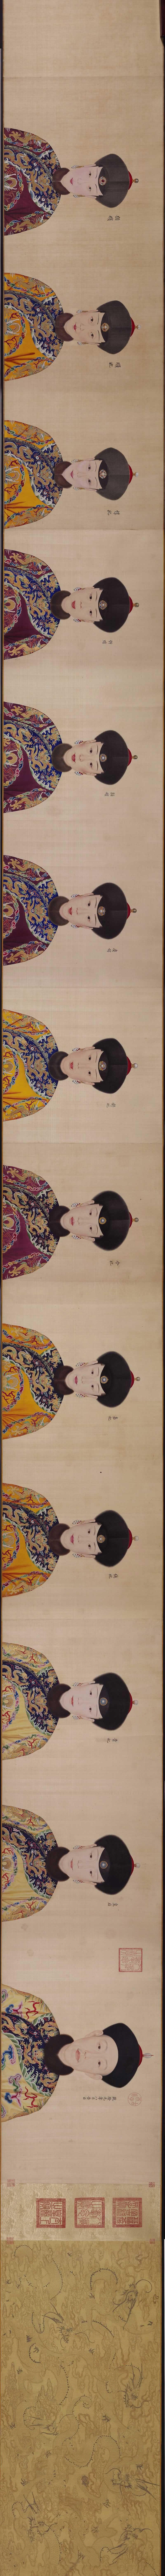 清 郎世宁 乾隆帝、后、妃像卷 克利夫兰美术馆 52.9 x作品欣赏